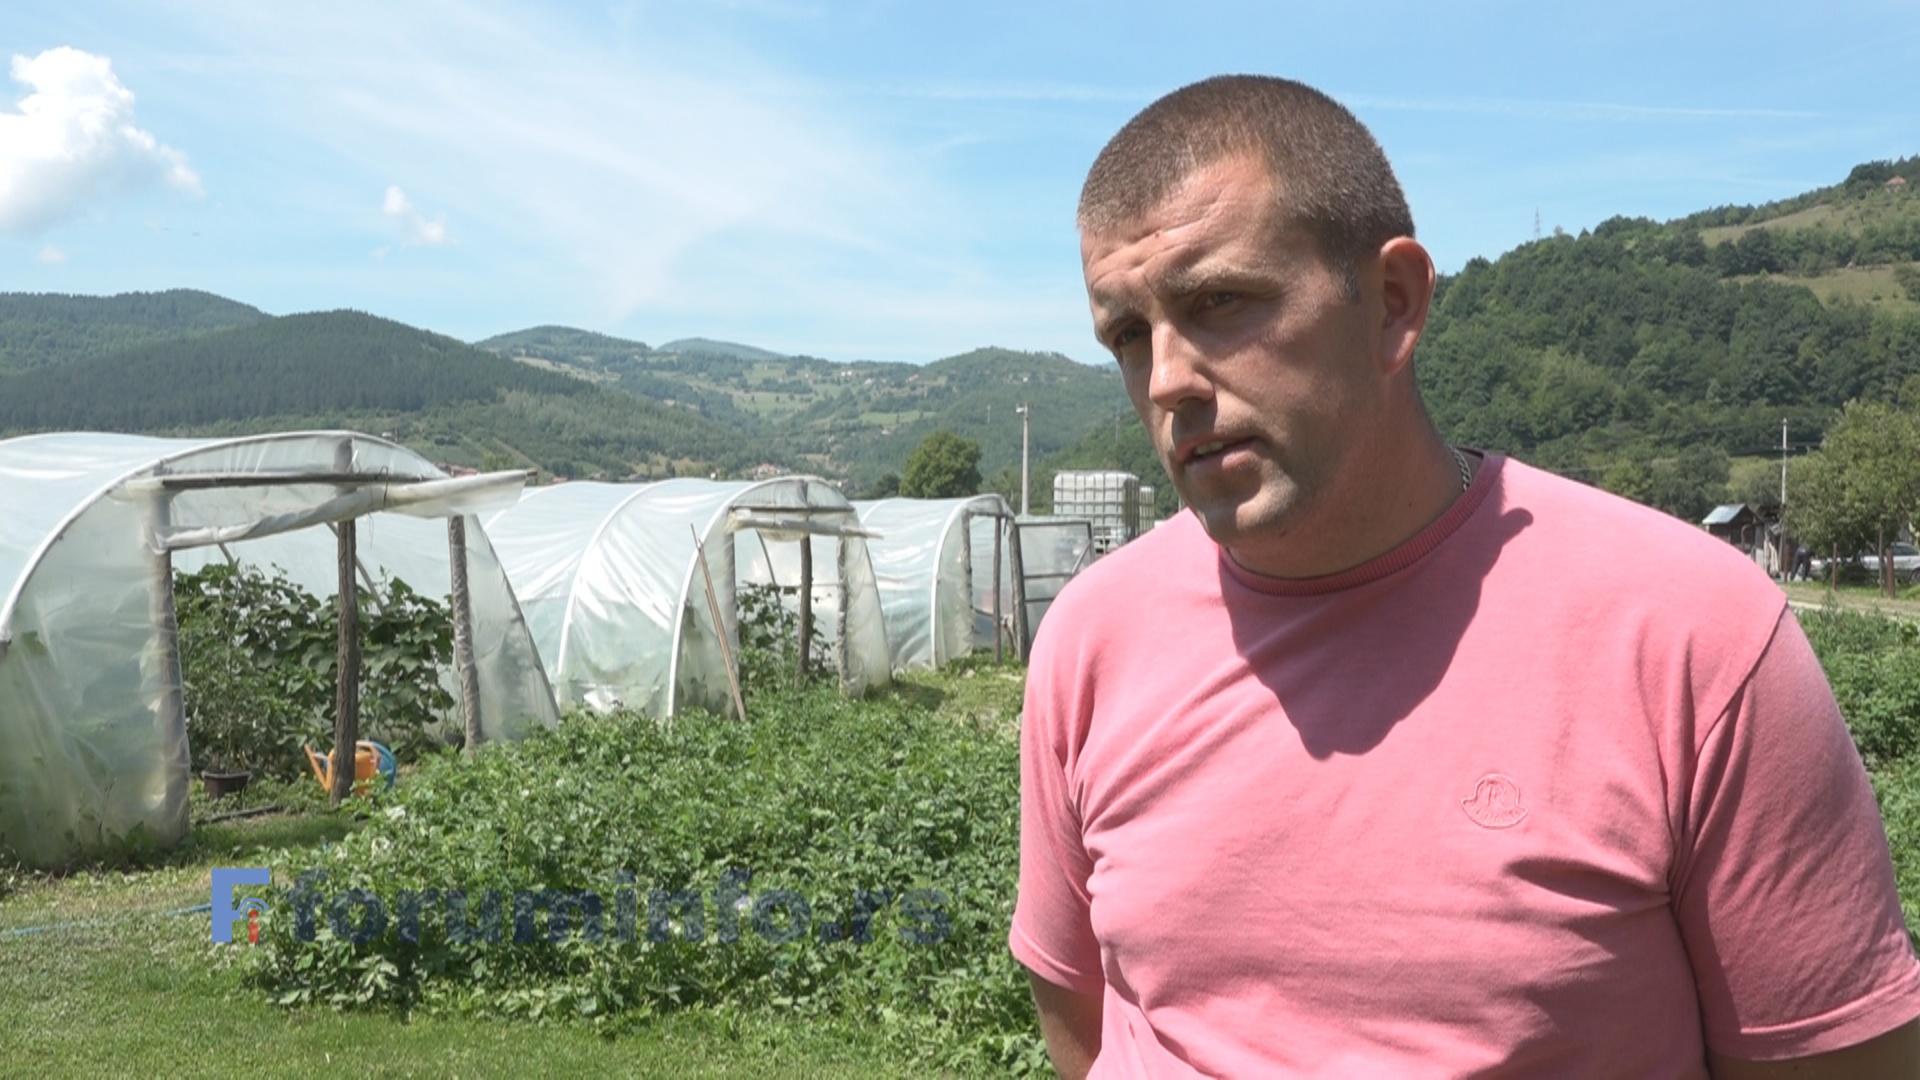 Љубисав Гојаковић: Пољопривреда има перспективу